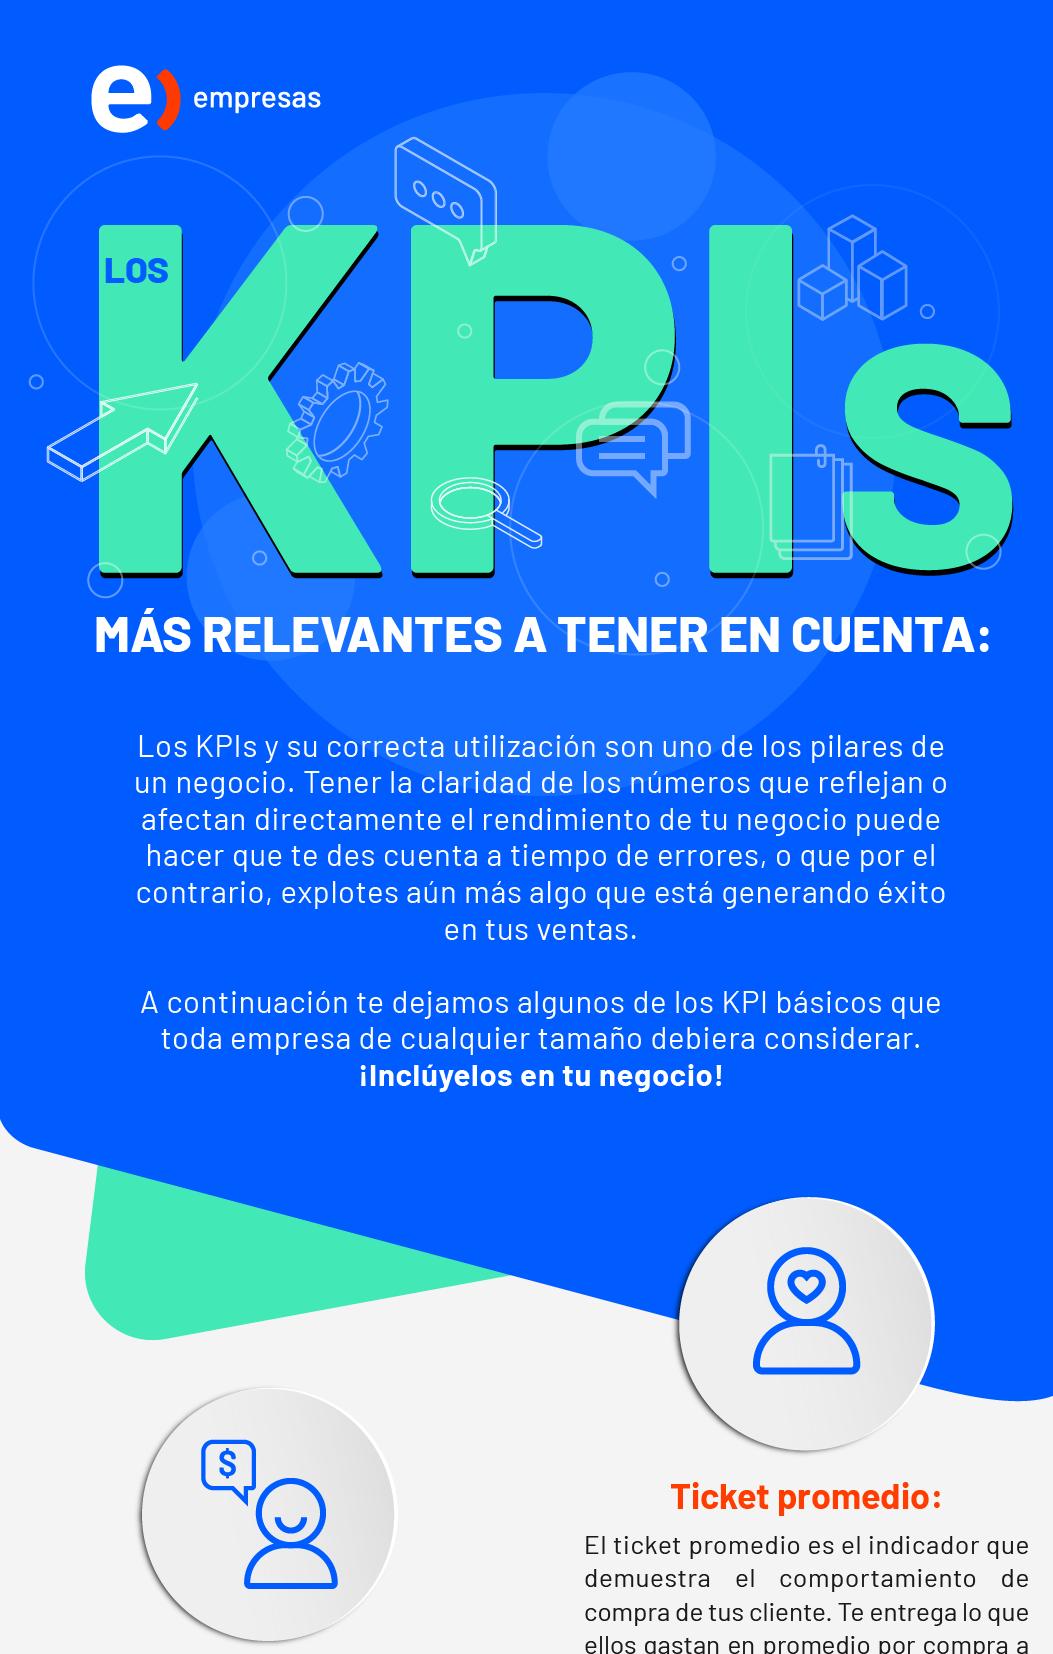 Los KPIs más relevantes